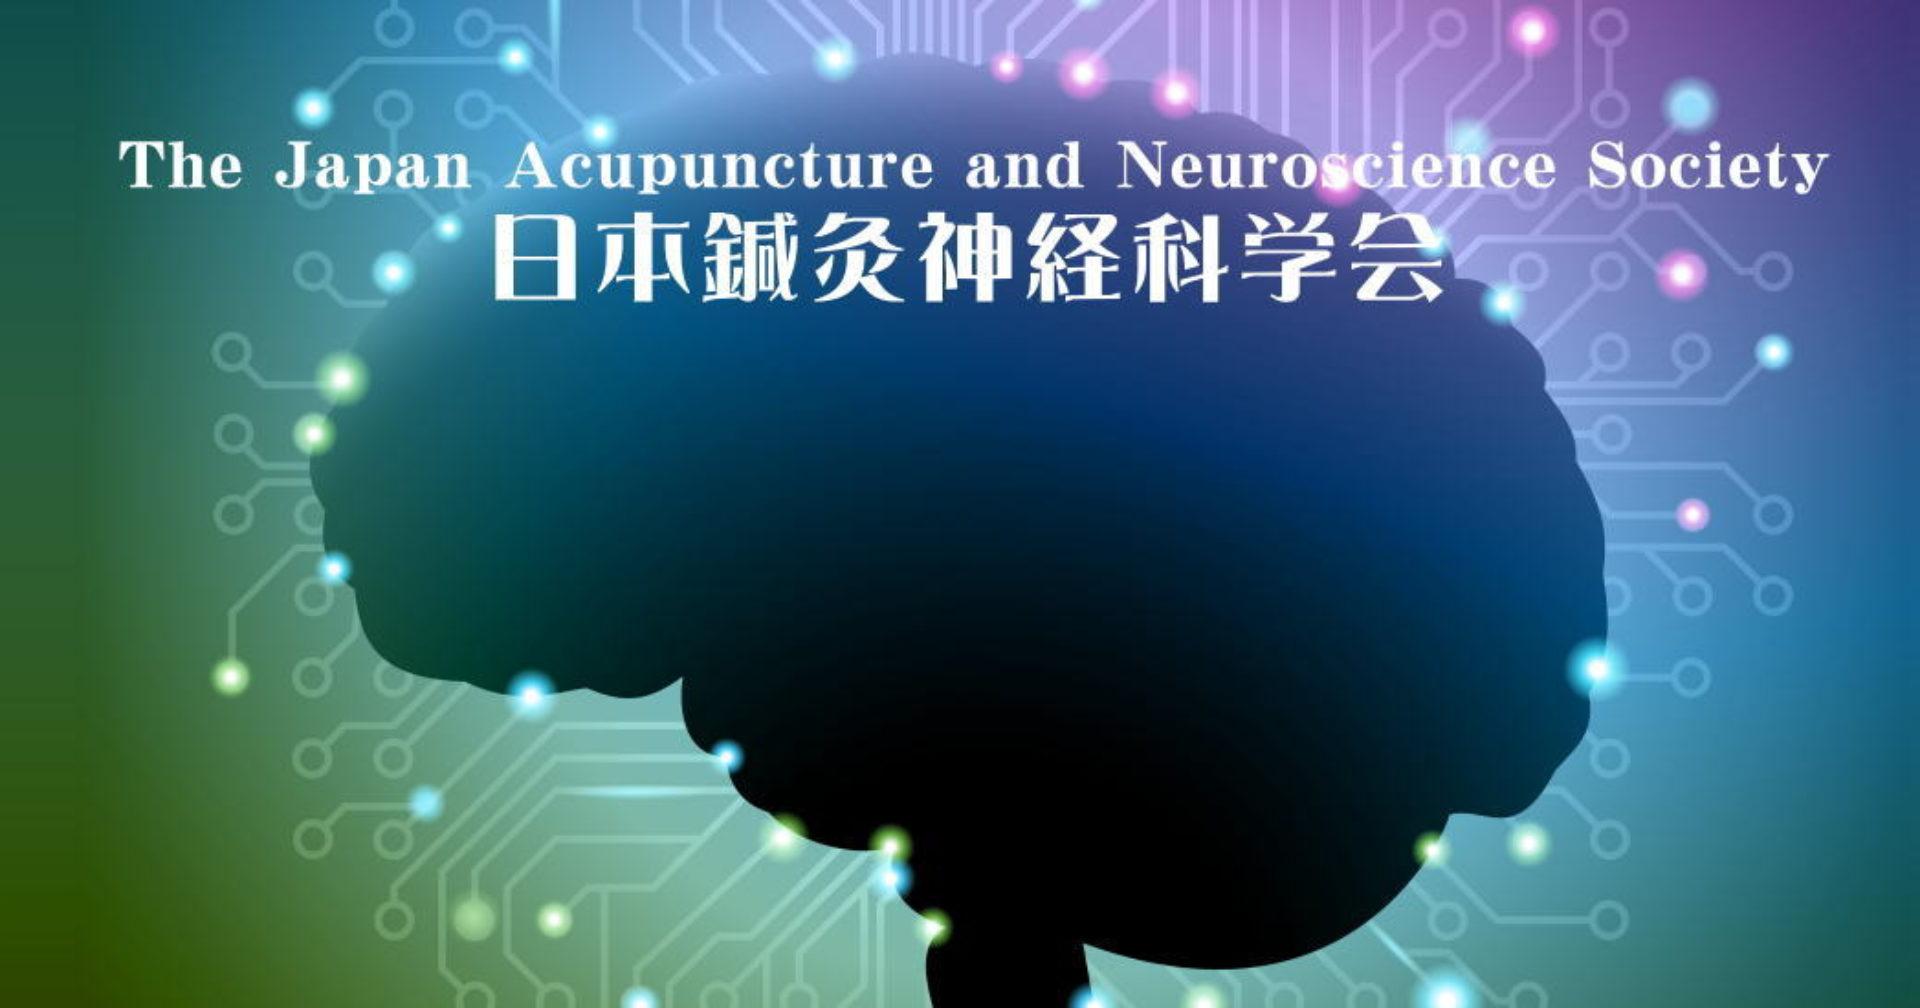 日本鍼灸神経科学会